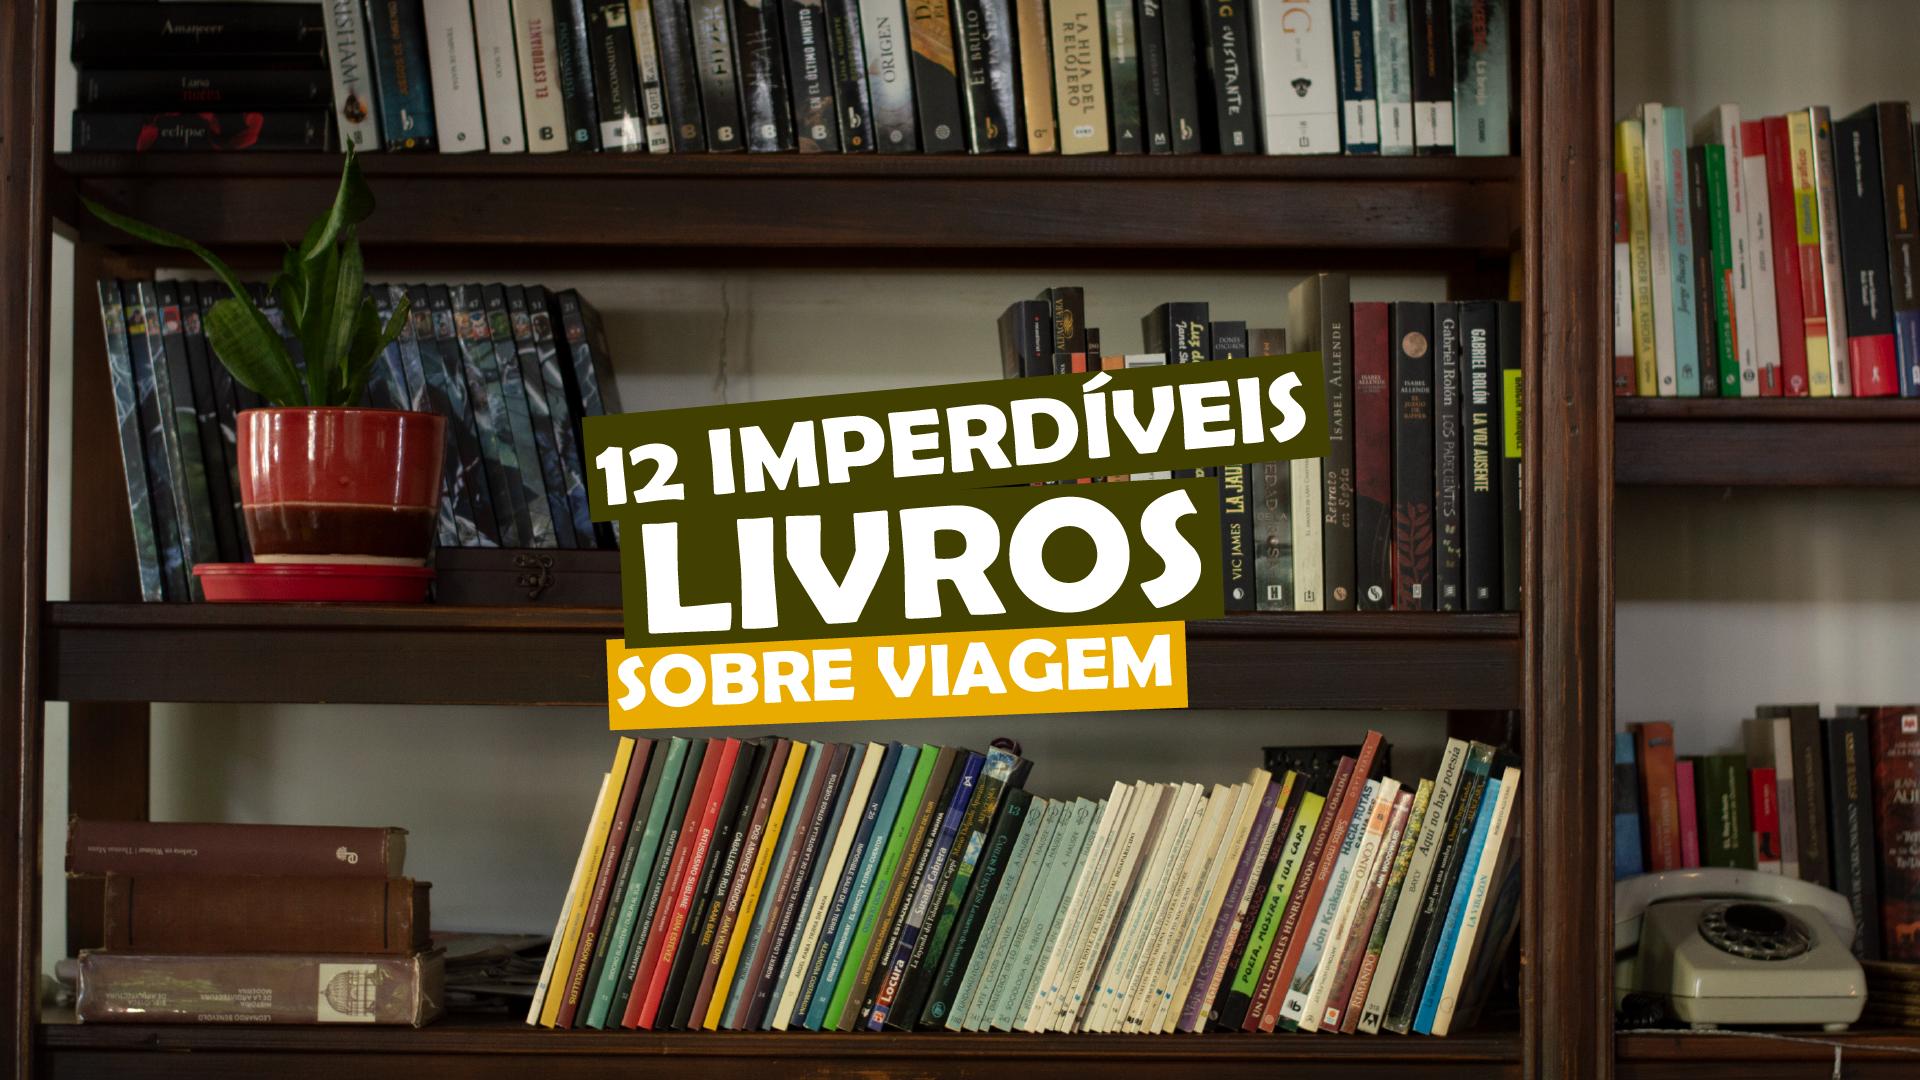 12 imperdíveis livros sobre viagem